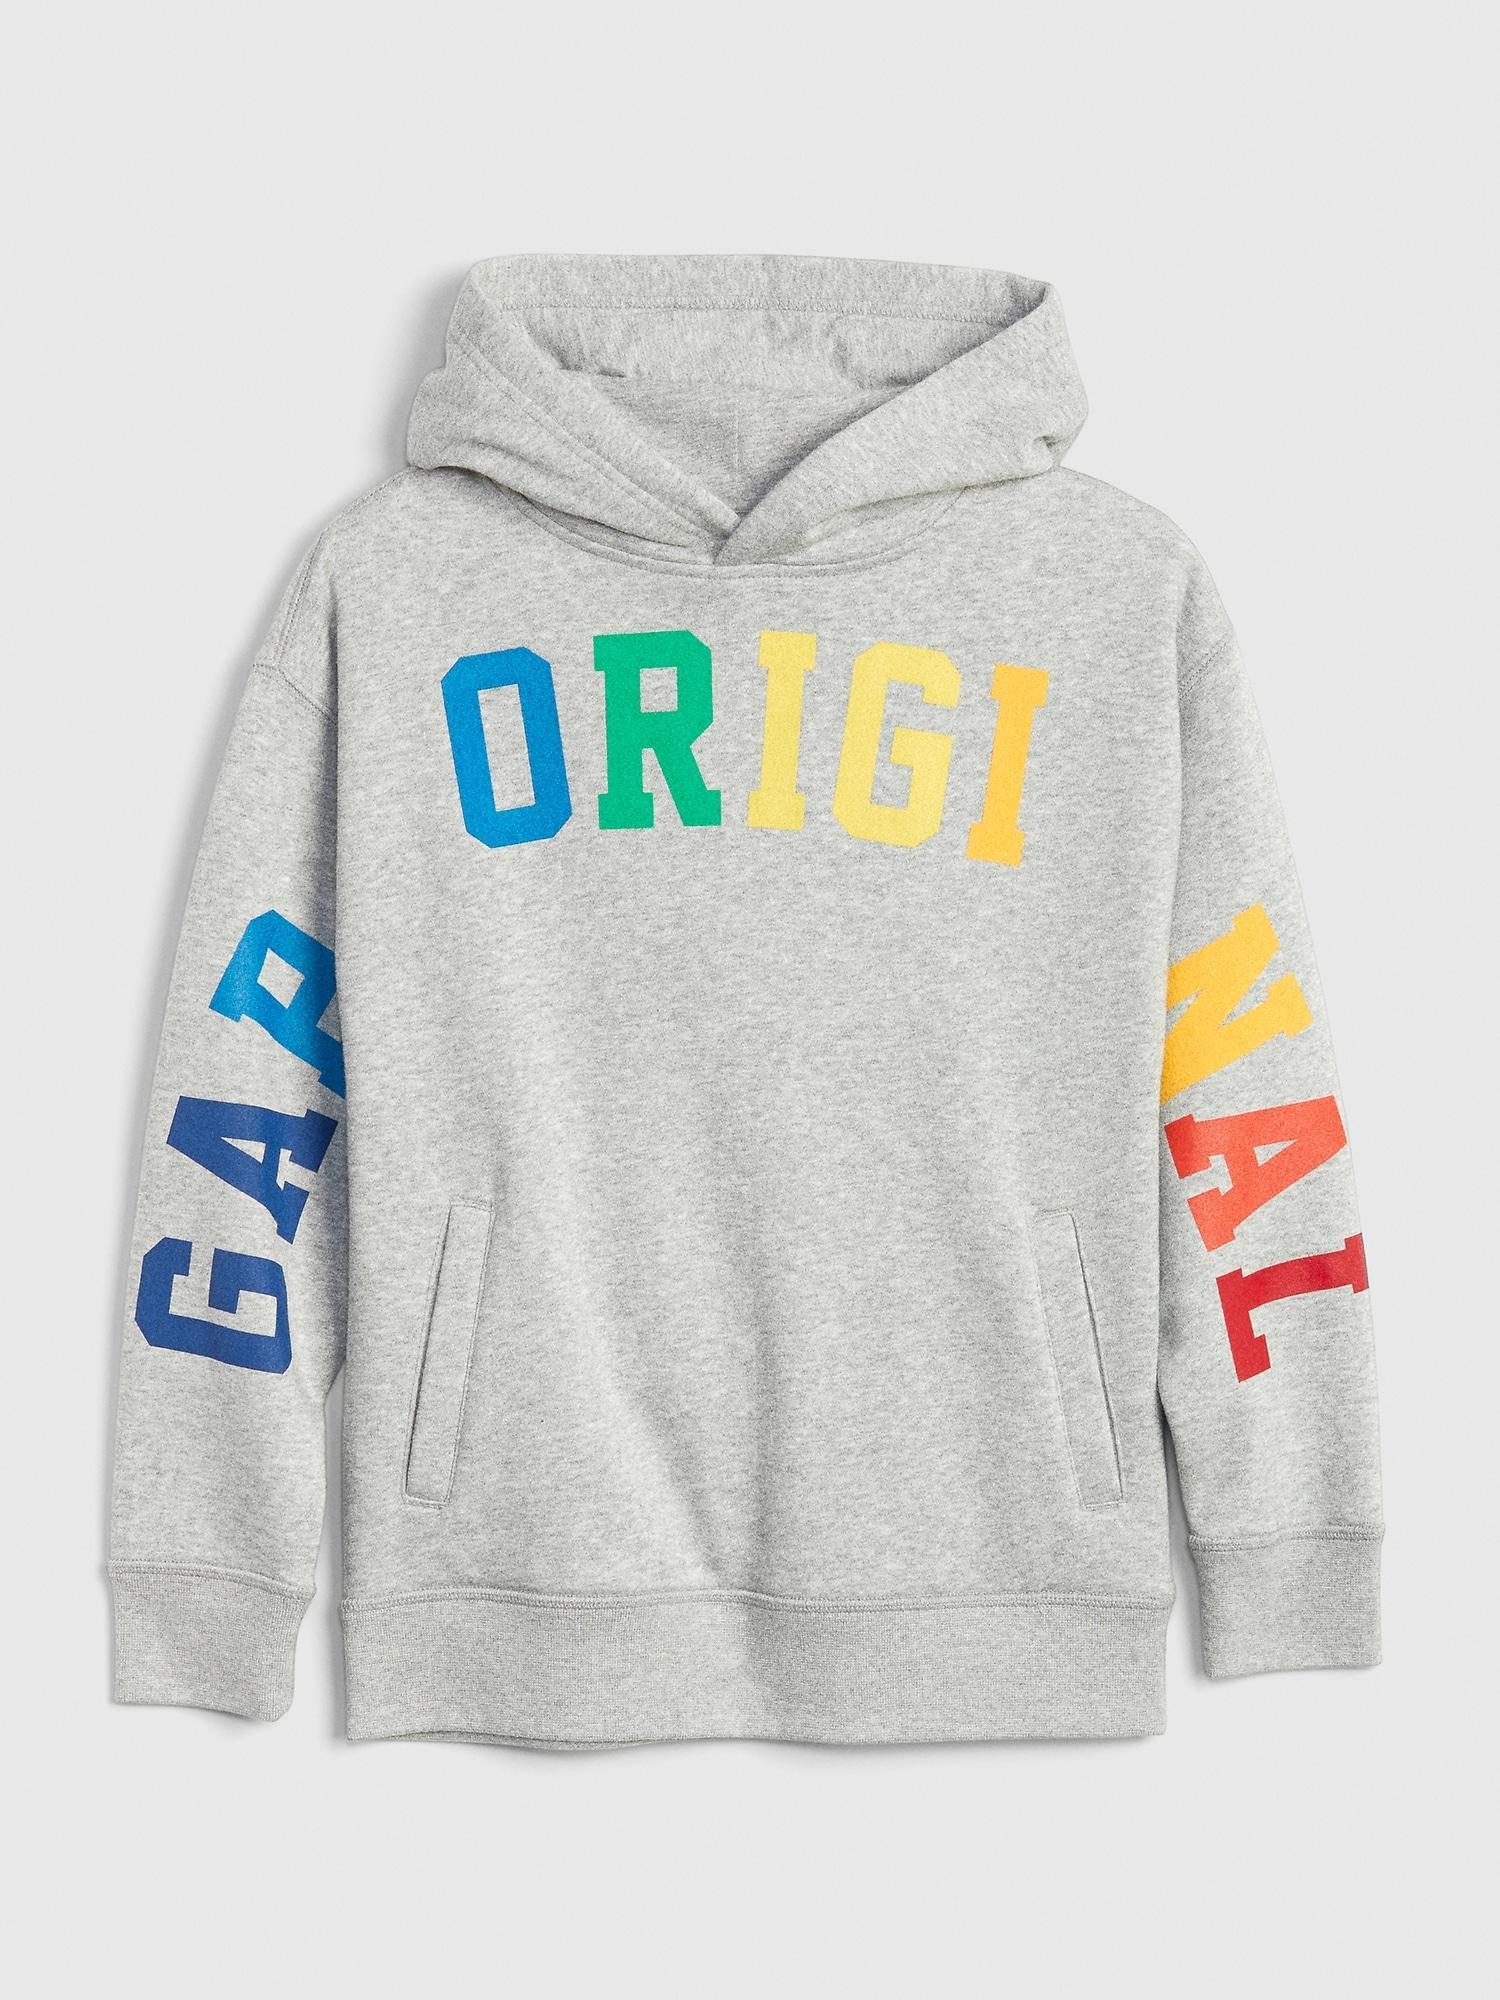 Phillip Phillips Logo Heather Grey Lightweight Zip Hoodie Sweatshirt Official